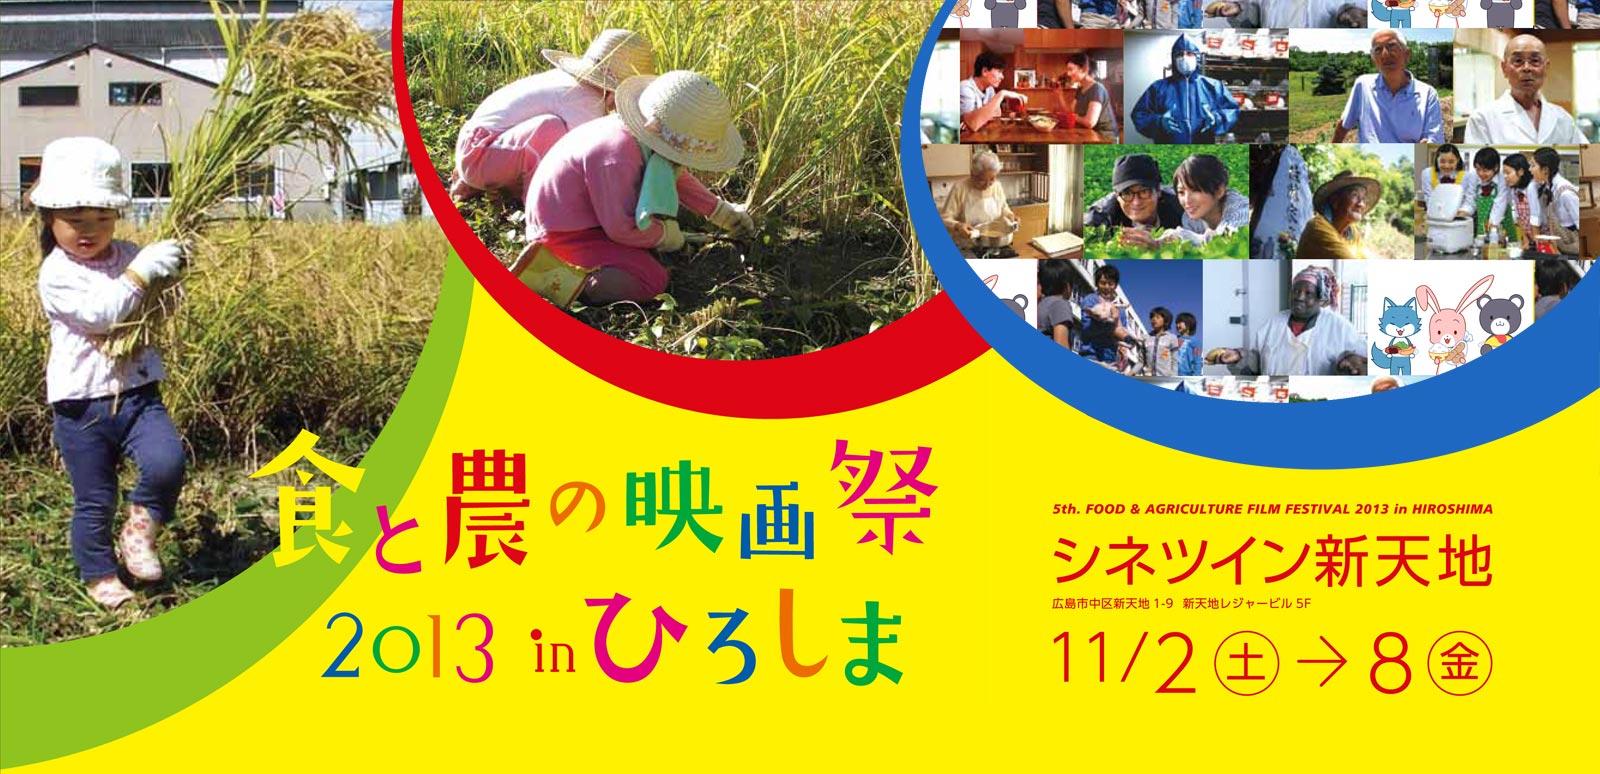 Eigasai201311028